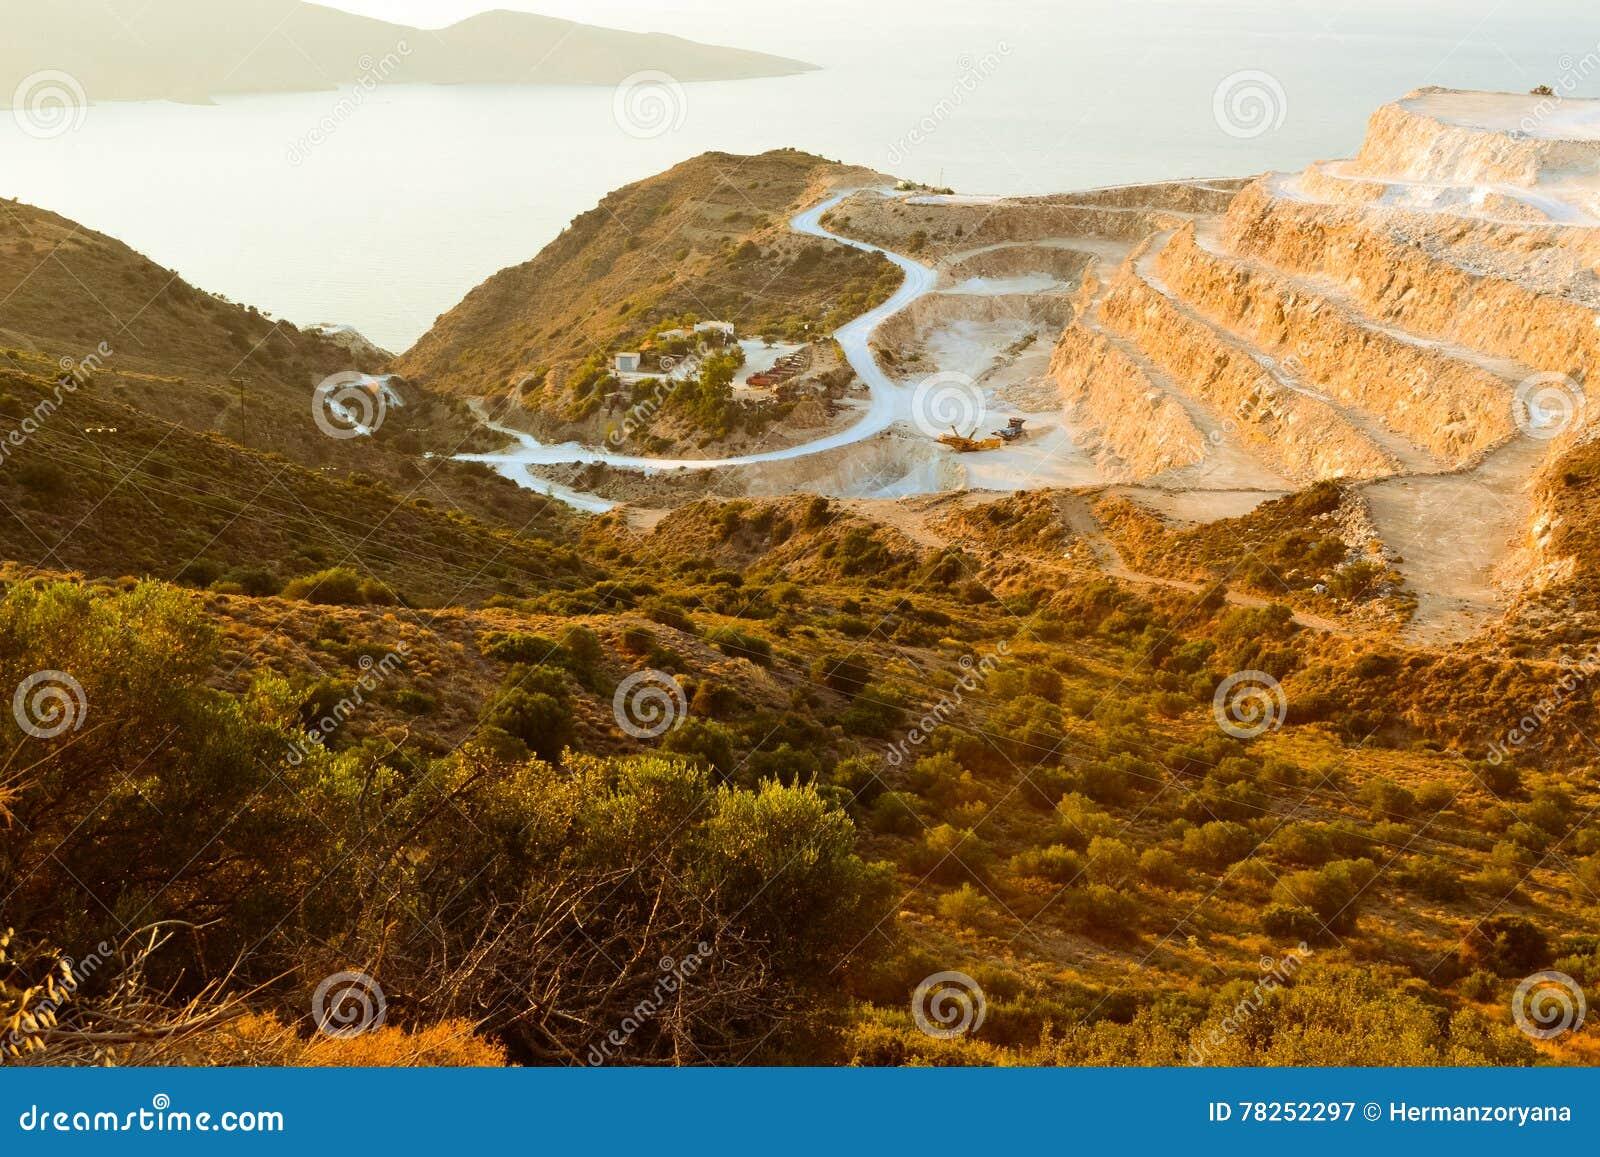 Ταξιδεύει την Ελλάδα Ð ¡ rit podorozh περισσότερο hory doroha β ranok hory δρόμος βουνών πρωινού ταξιδιών θάλασσας στα βουνά